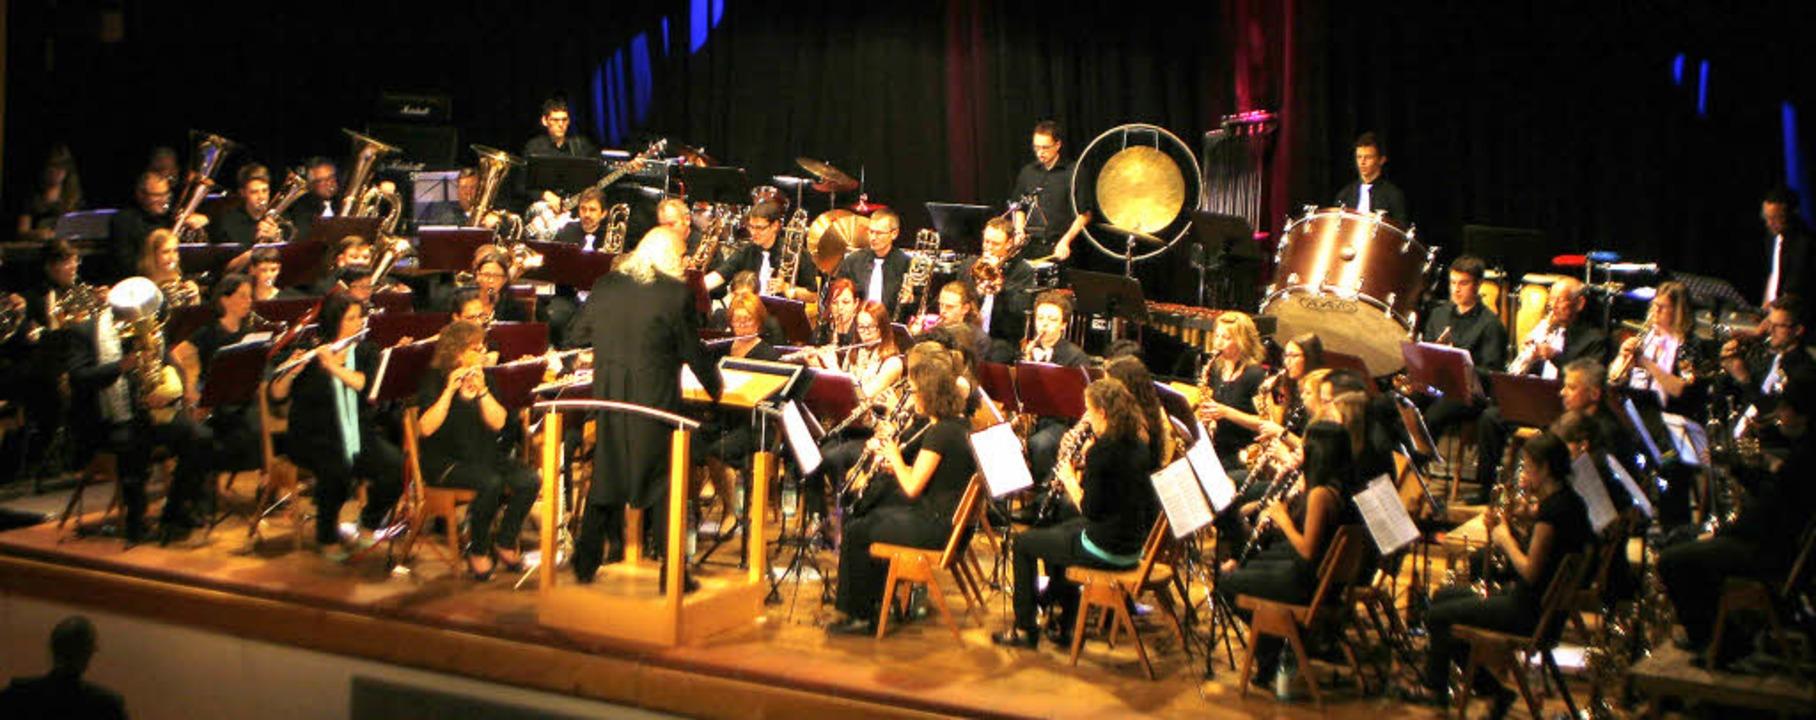 Das Blasorchester Seelbach eröffnen mi...20; den ganz besonderen Konzertabend.   | Foto: fotos: heidi fössel